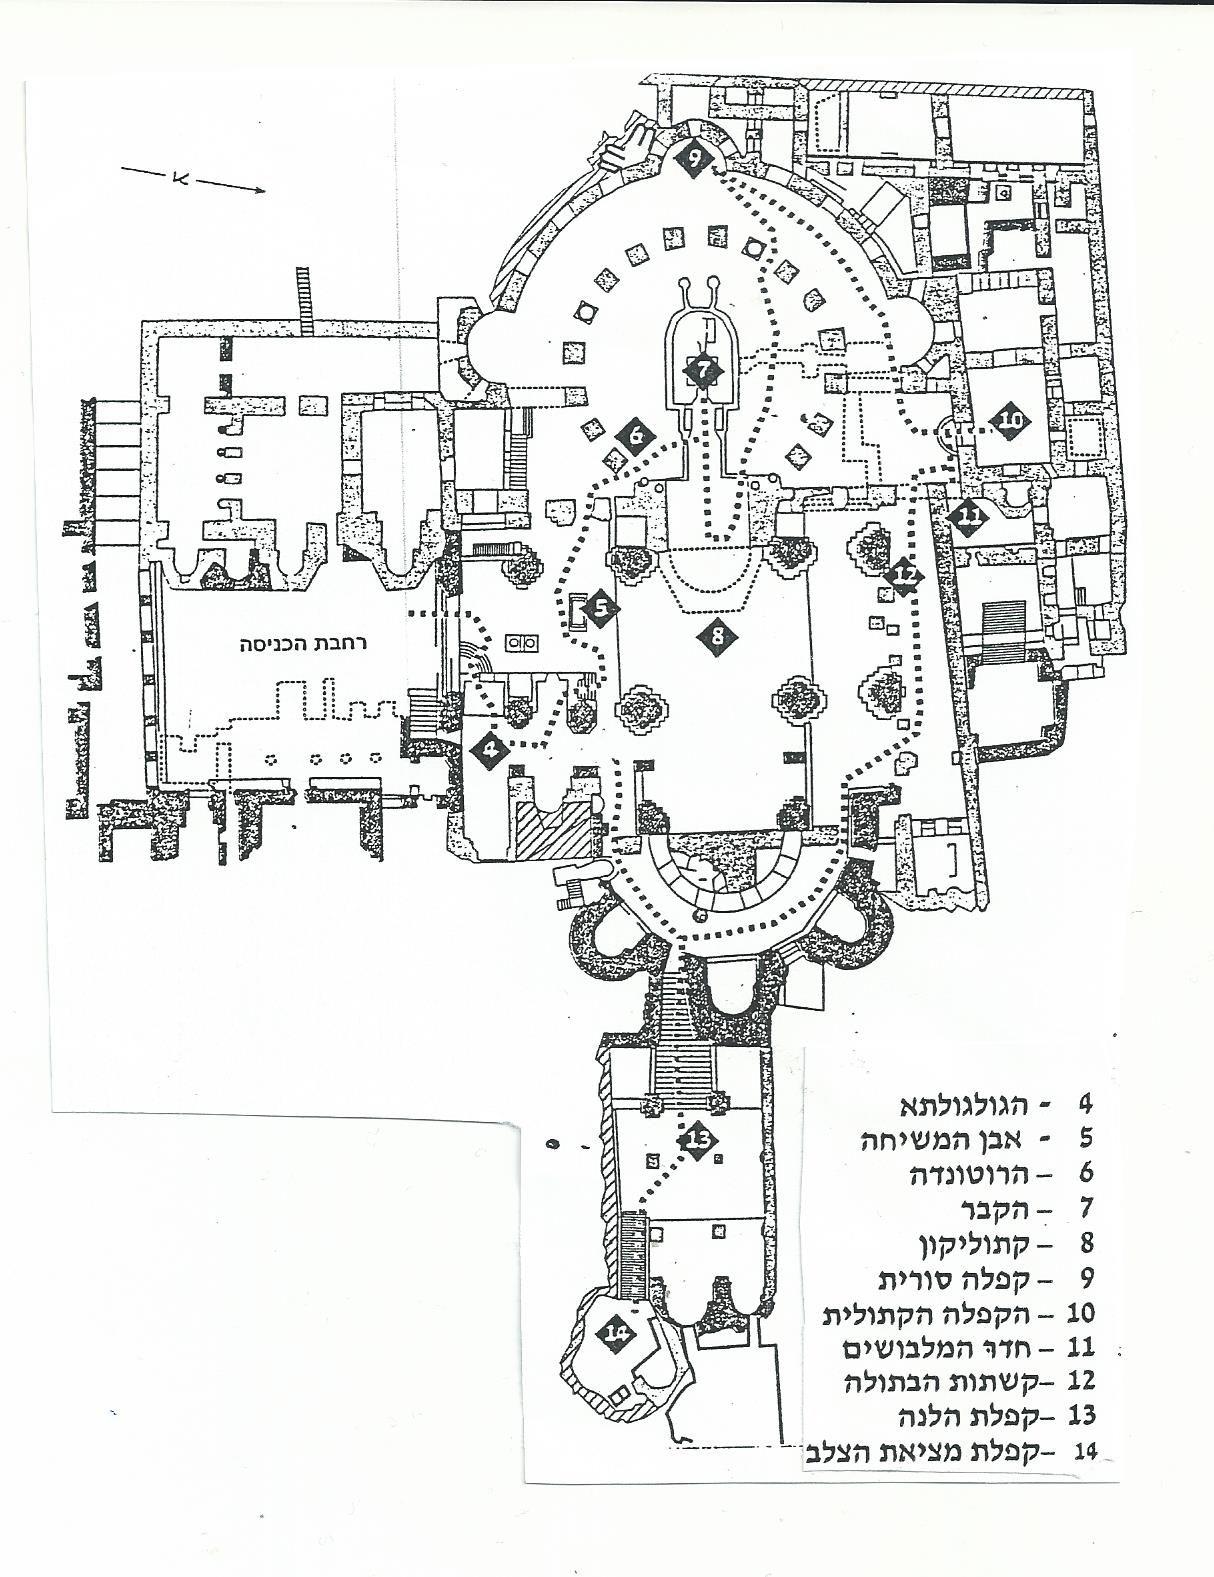 כנסית הקבר בתקופות השונות